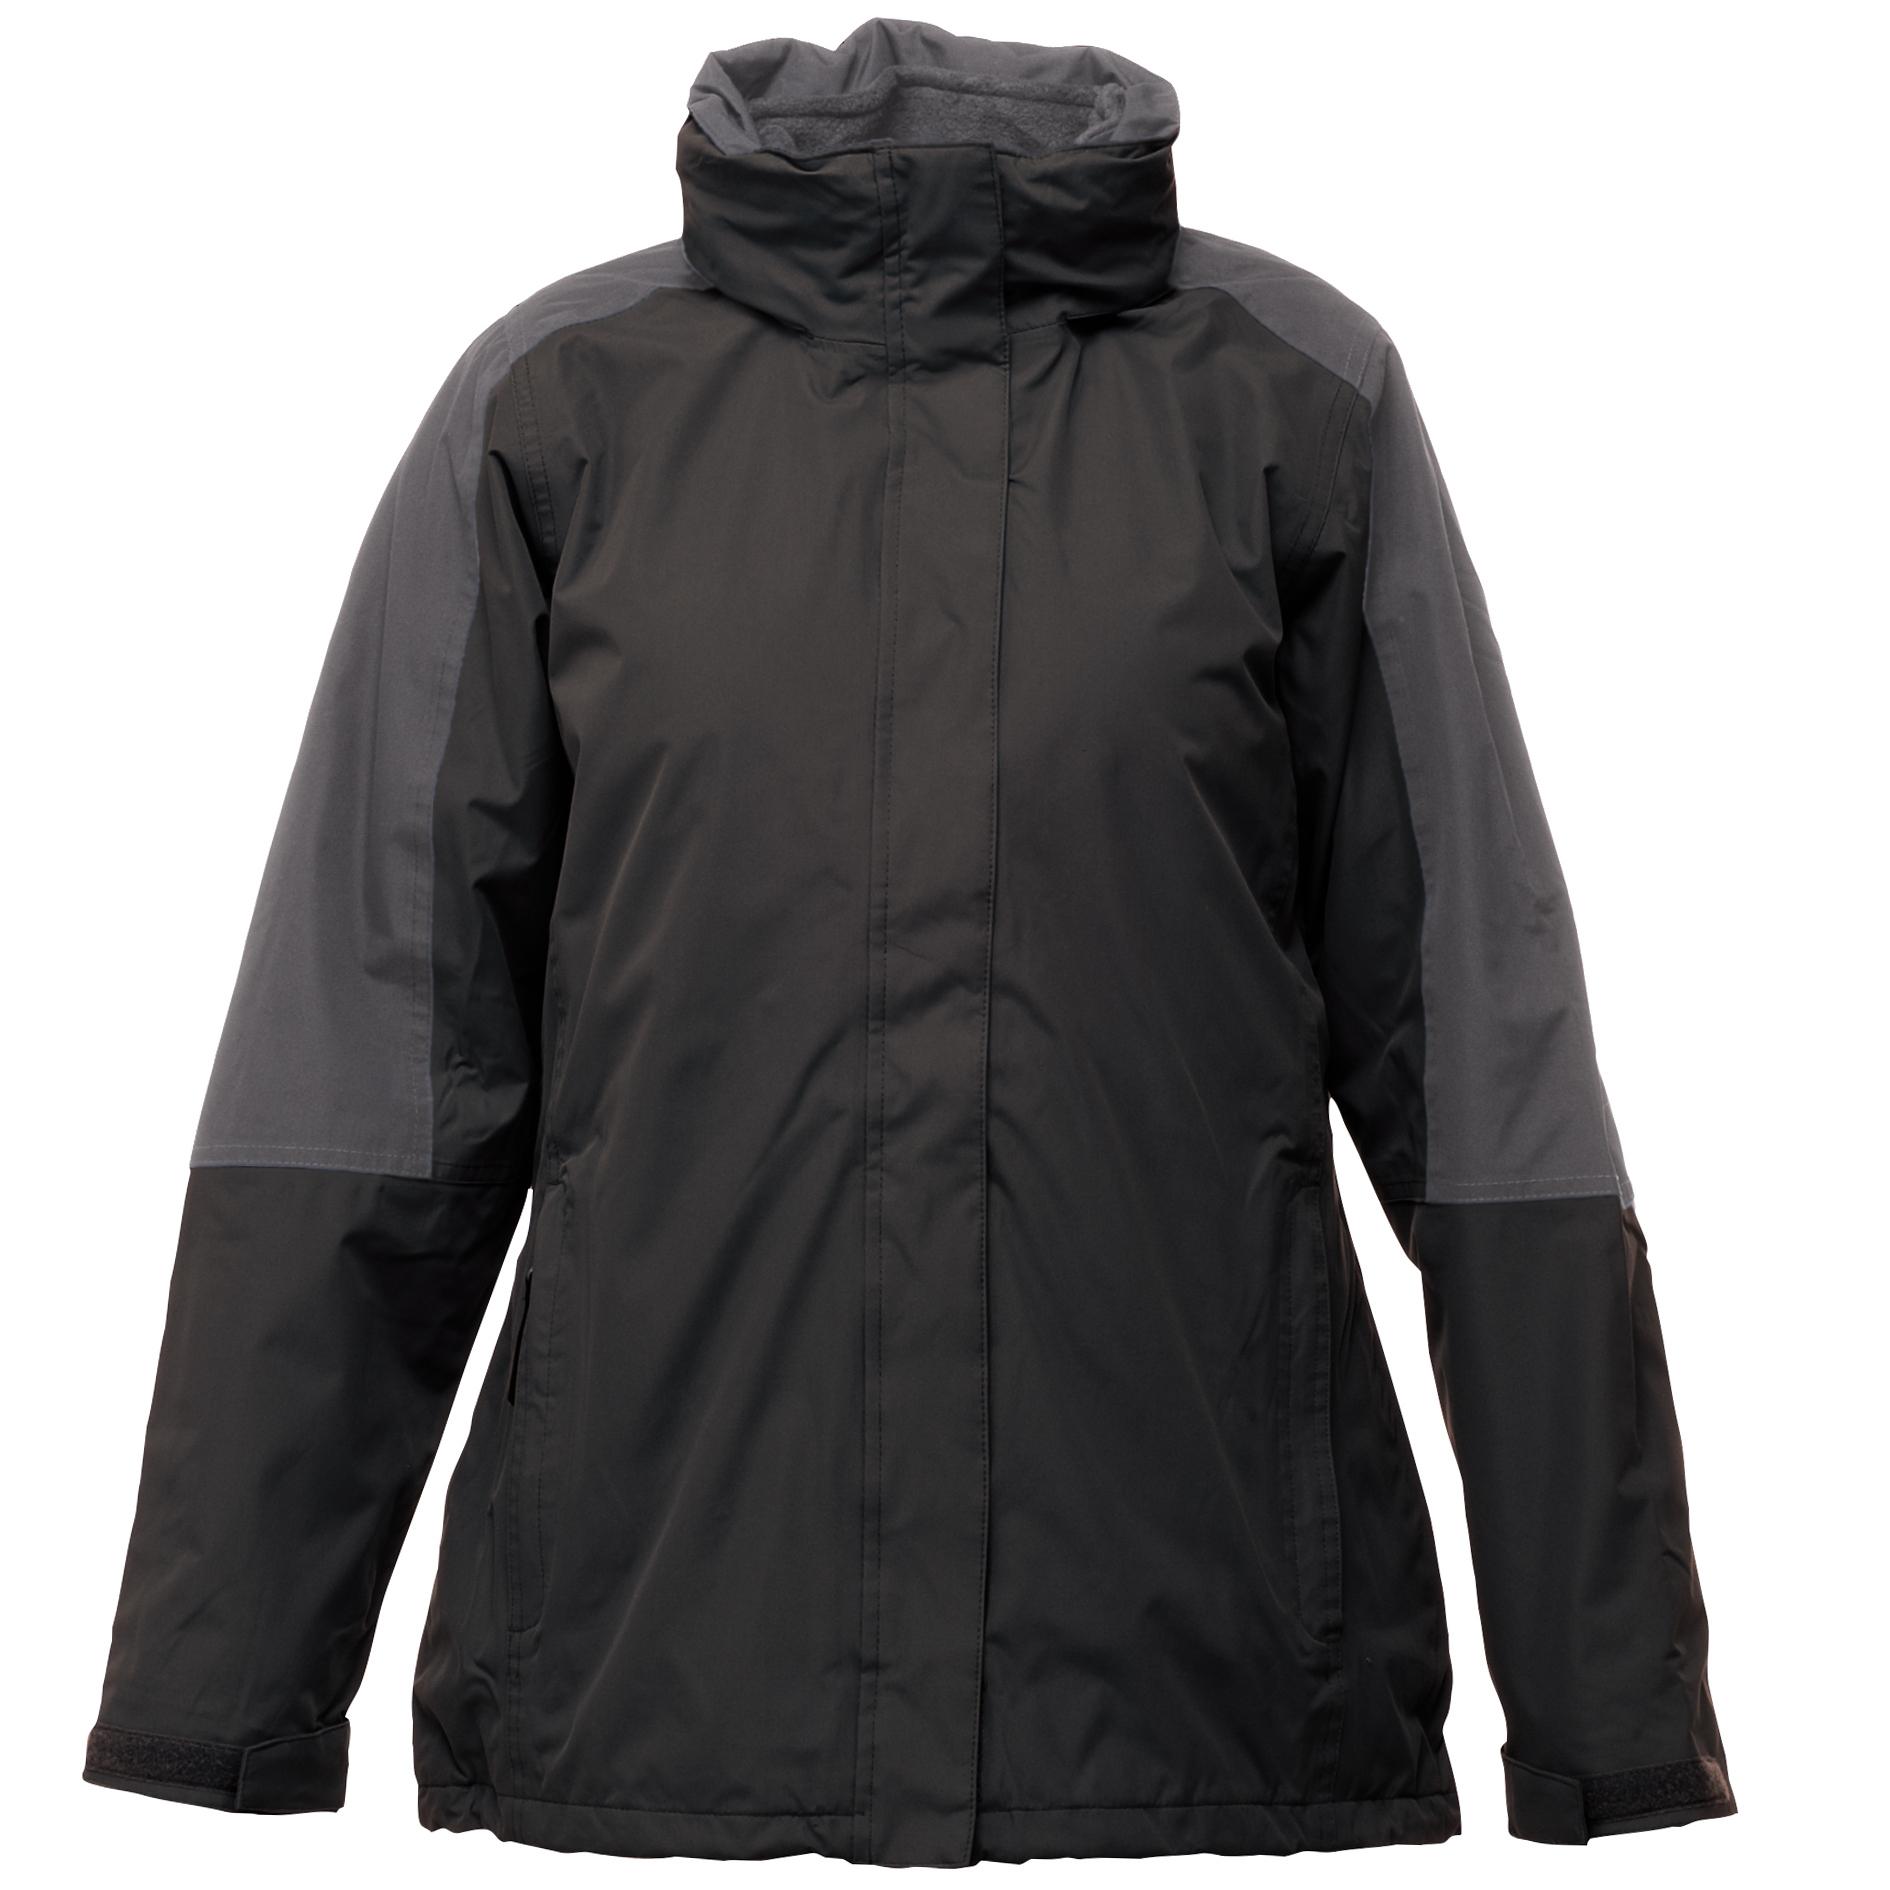 Regatta Womens/Ladies Defender III 3-In-1 Jacket  (Waterproof & Windproof) (10) (Black/Seal Grey)